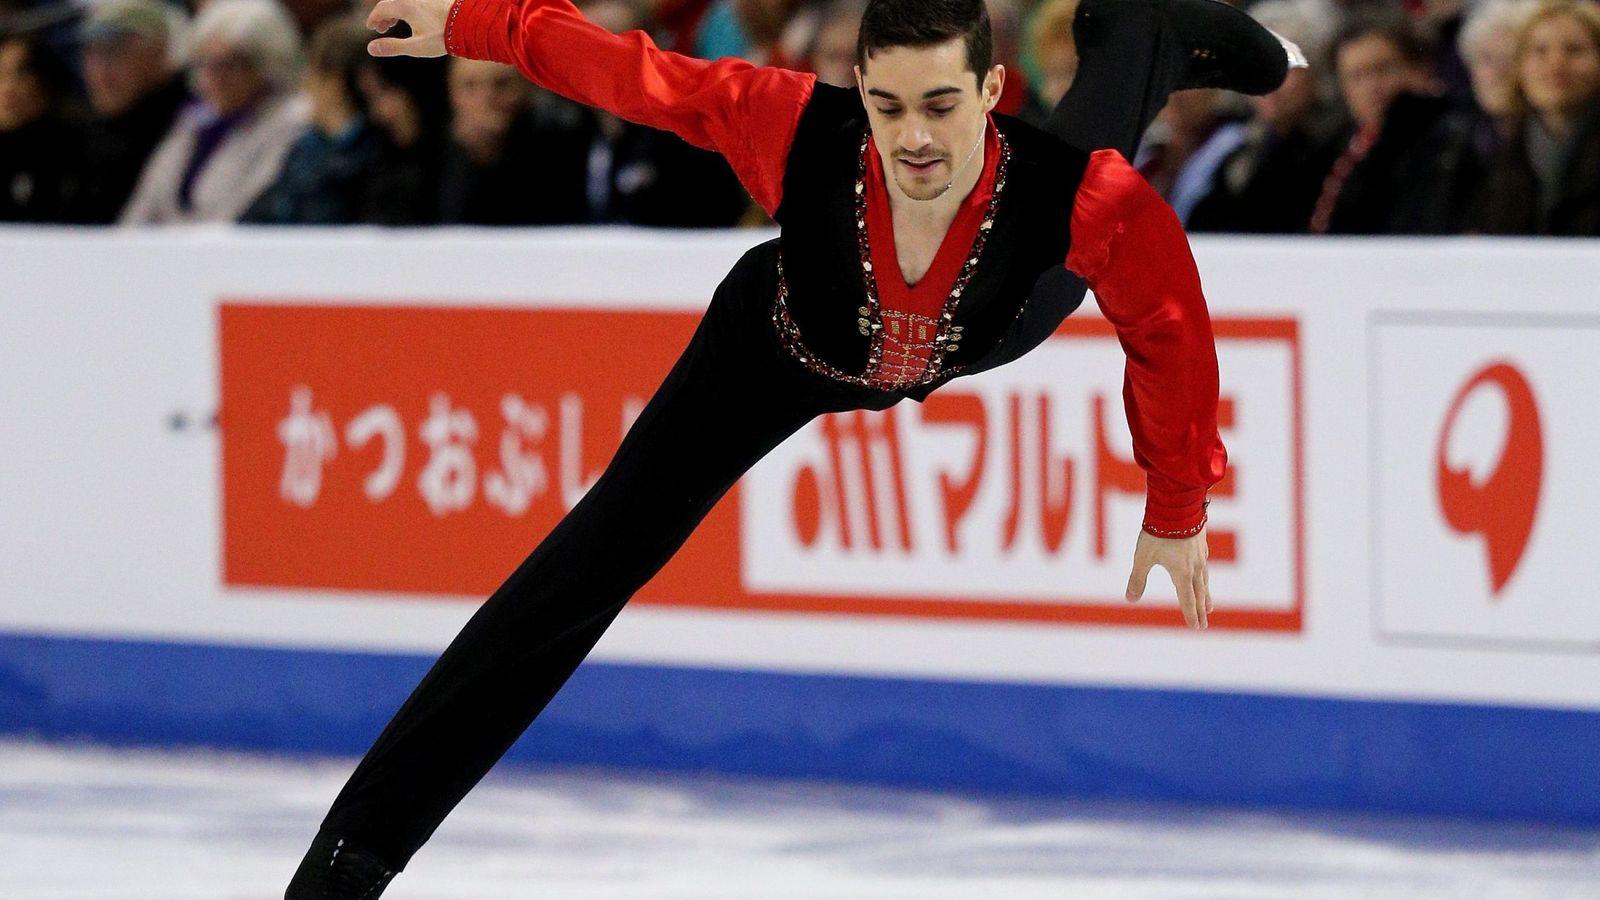 Foto: Javier Fernández, en el Mundial de patinaje artístico disputado en Boston. (EFE)